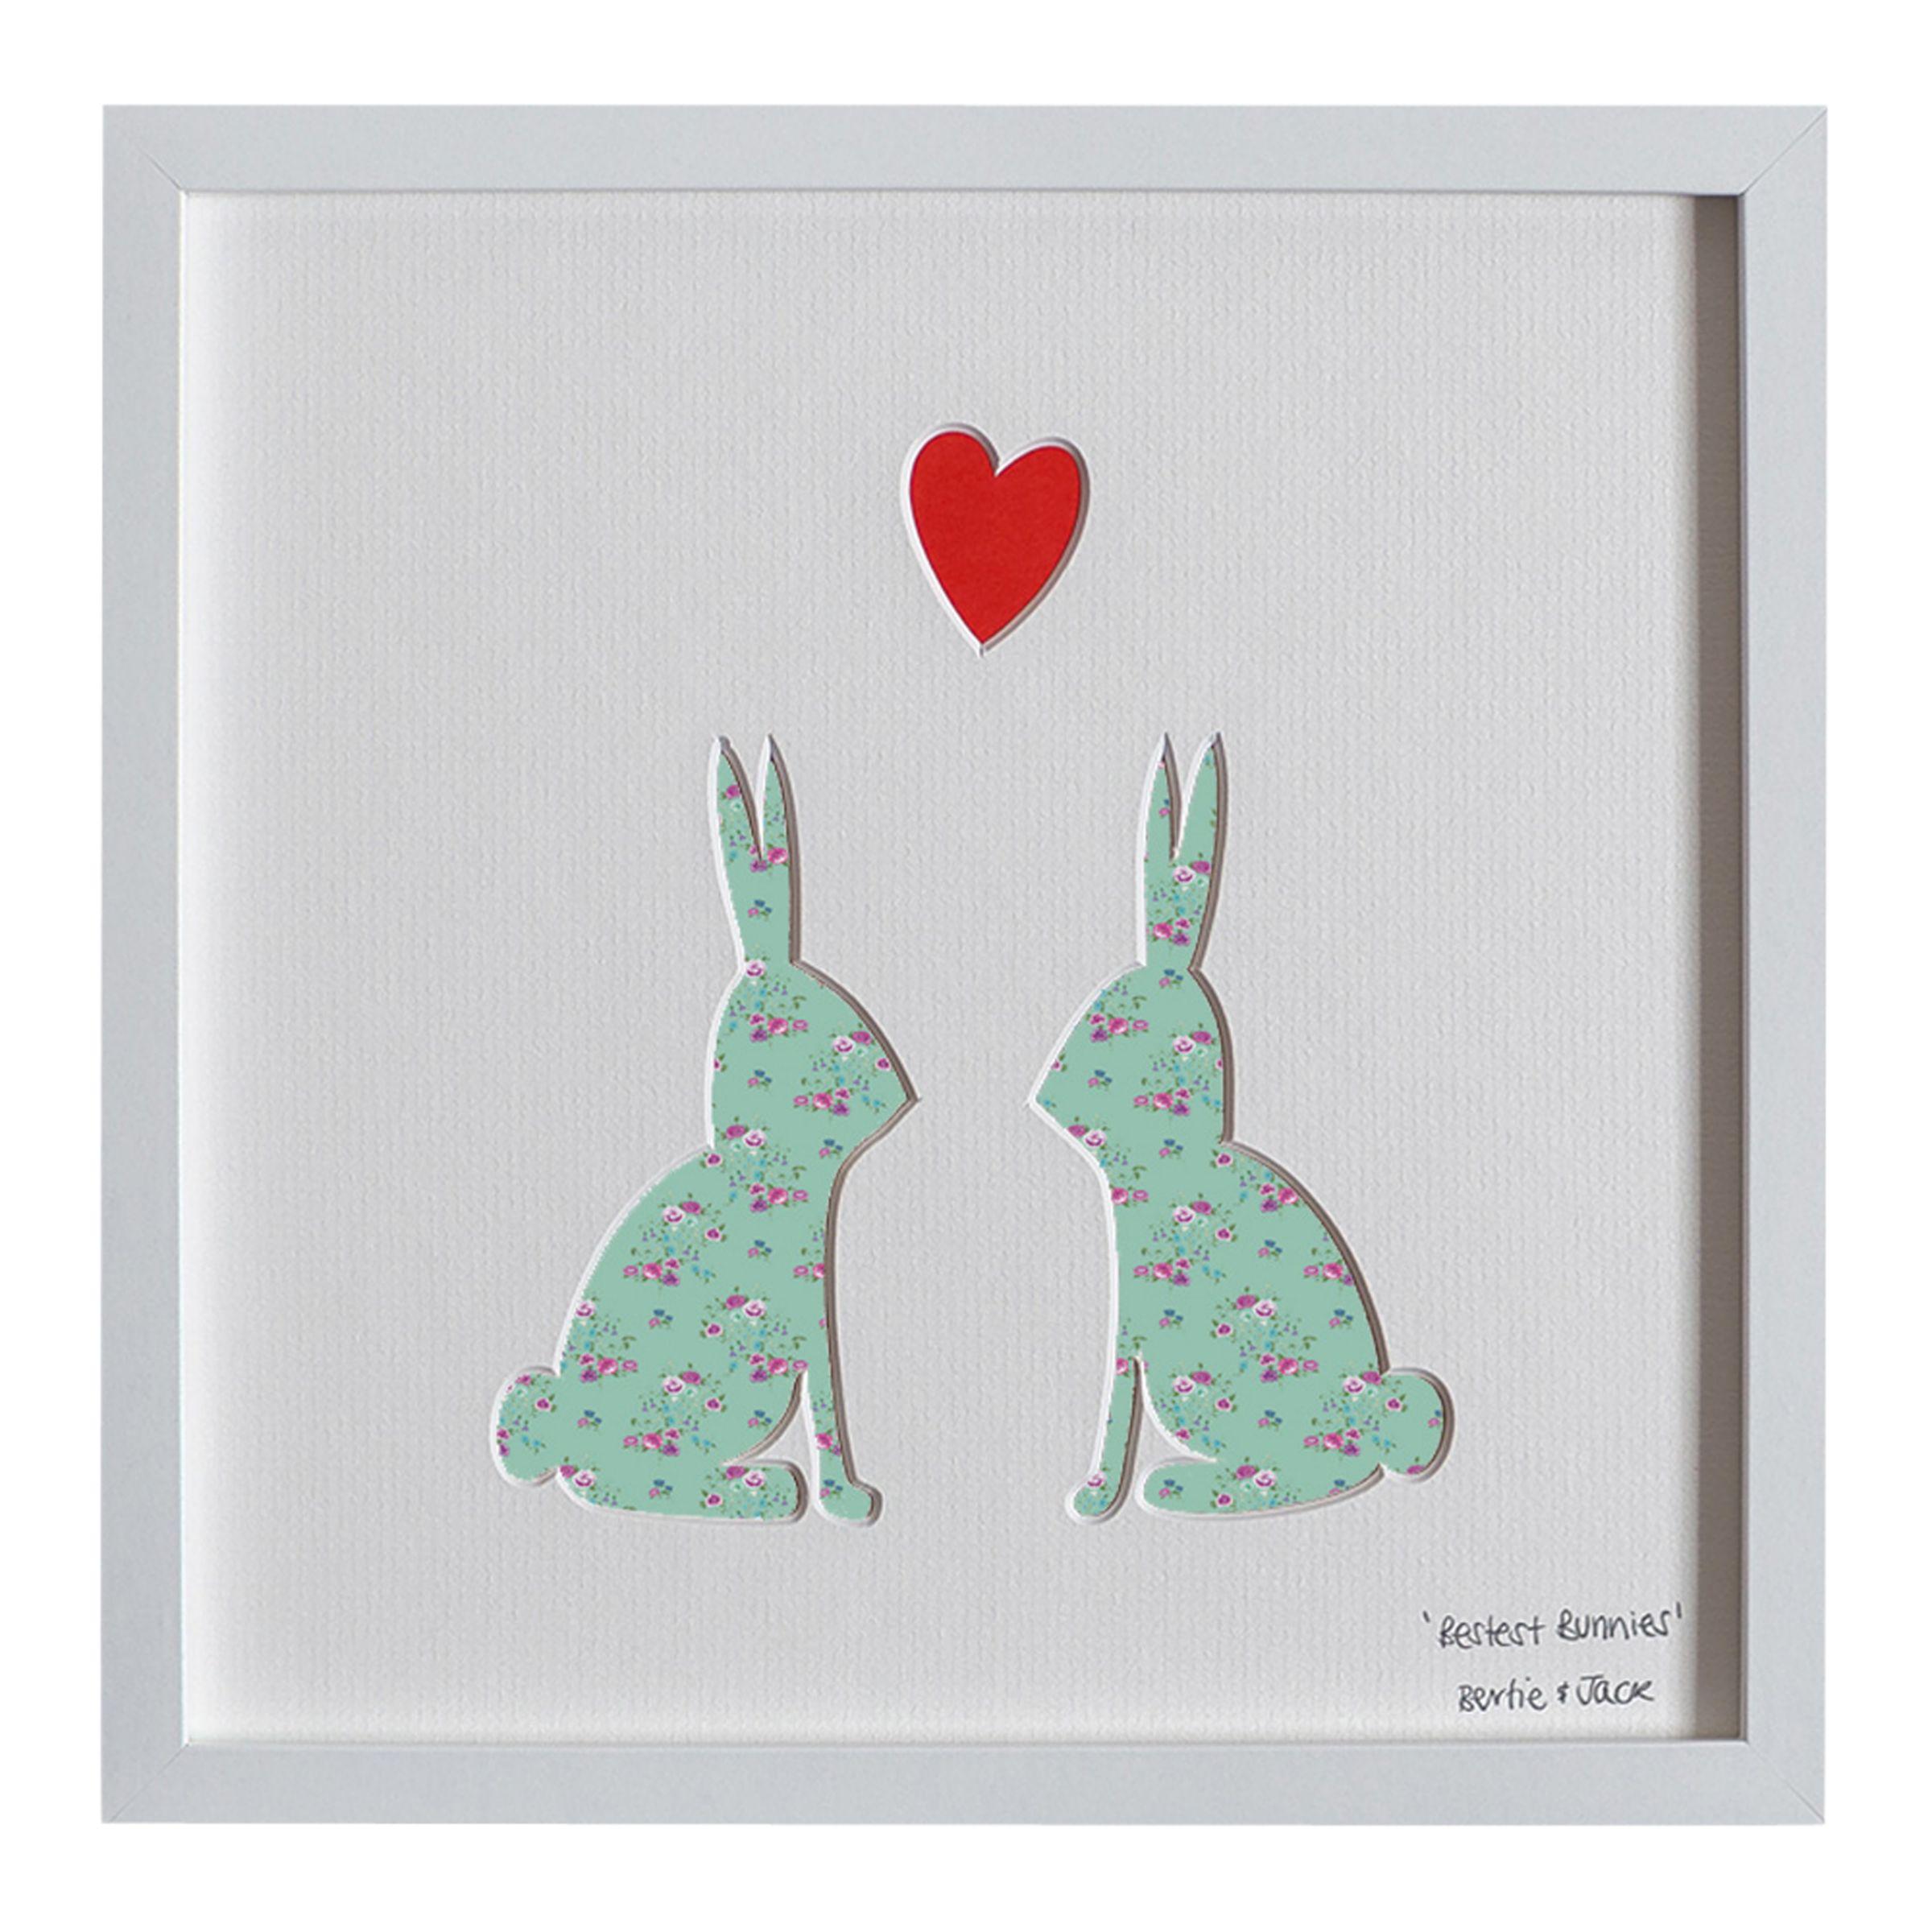 Bertie & Jack Bertie & Jack - Bestest Bunnies Framed 3D Cut-out, 27 x 27cm